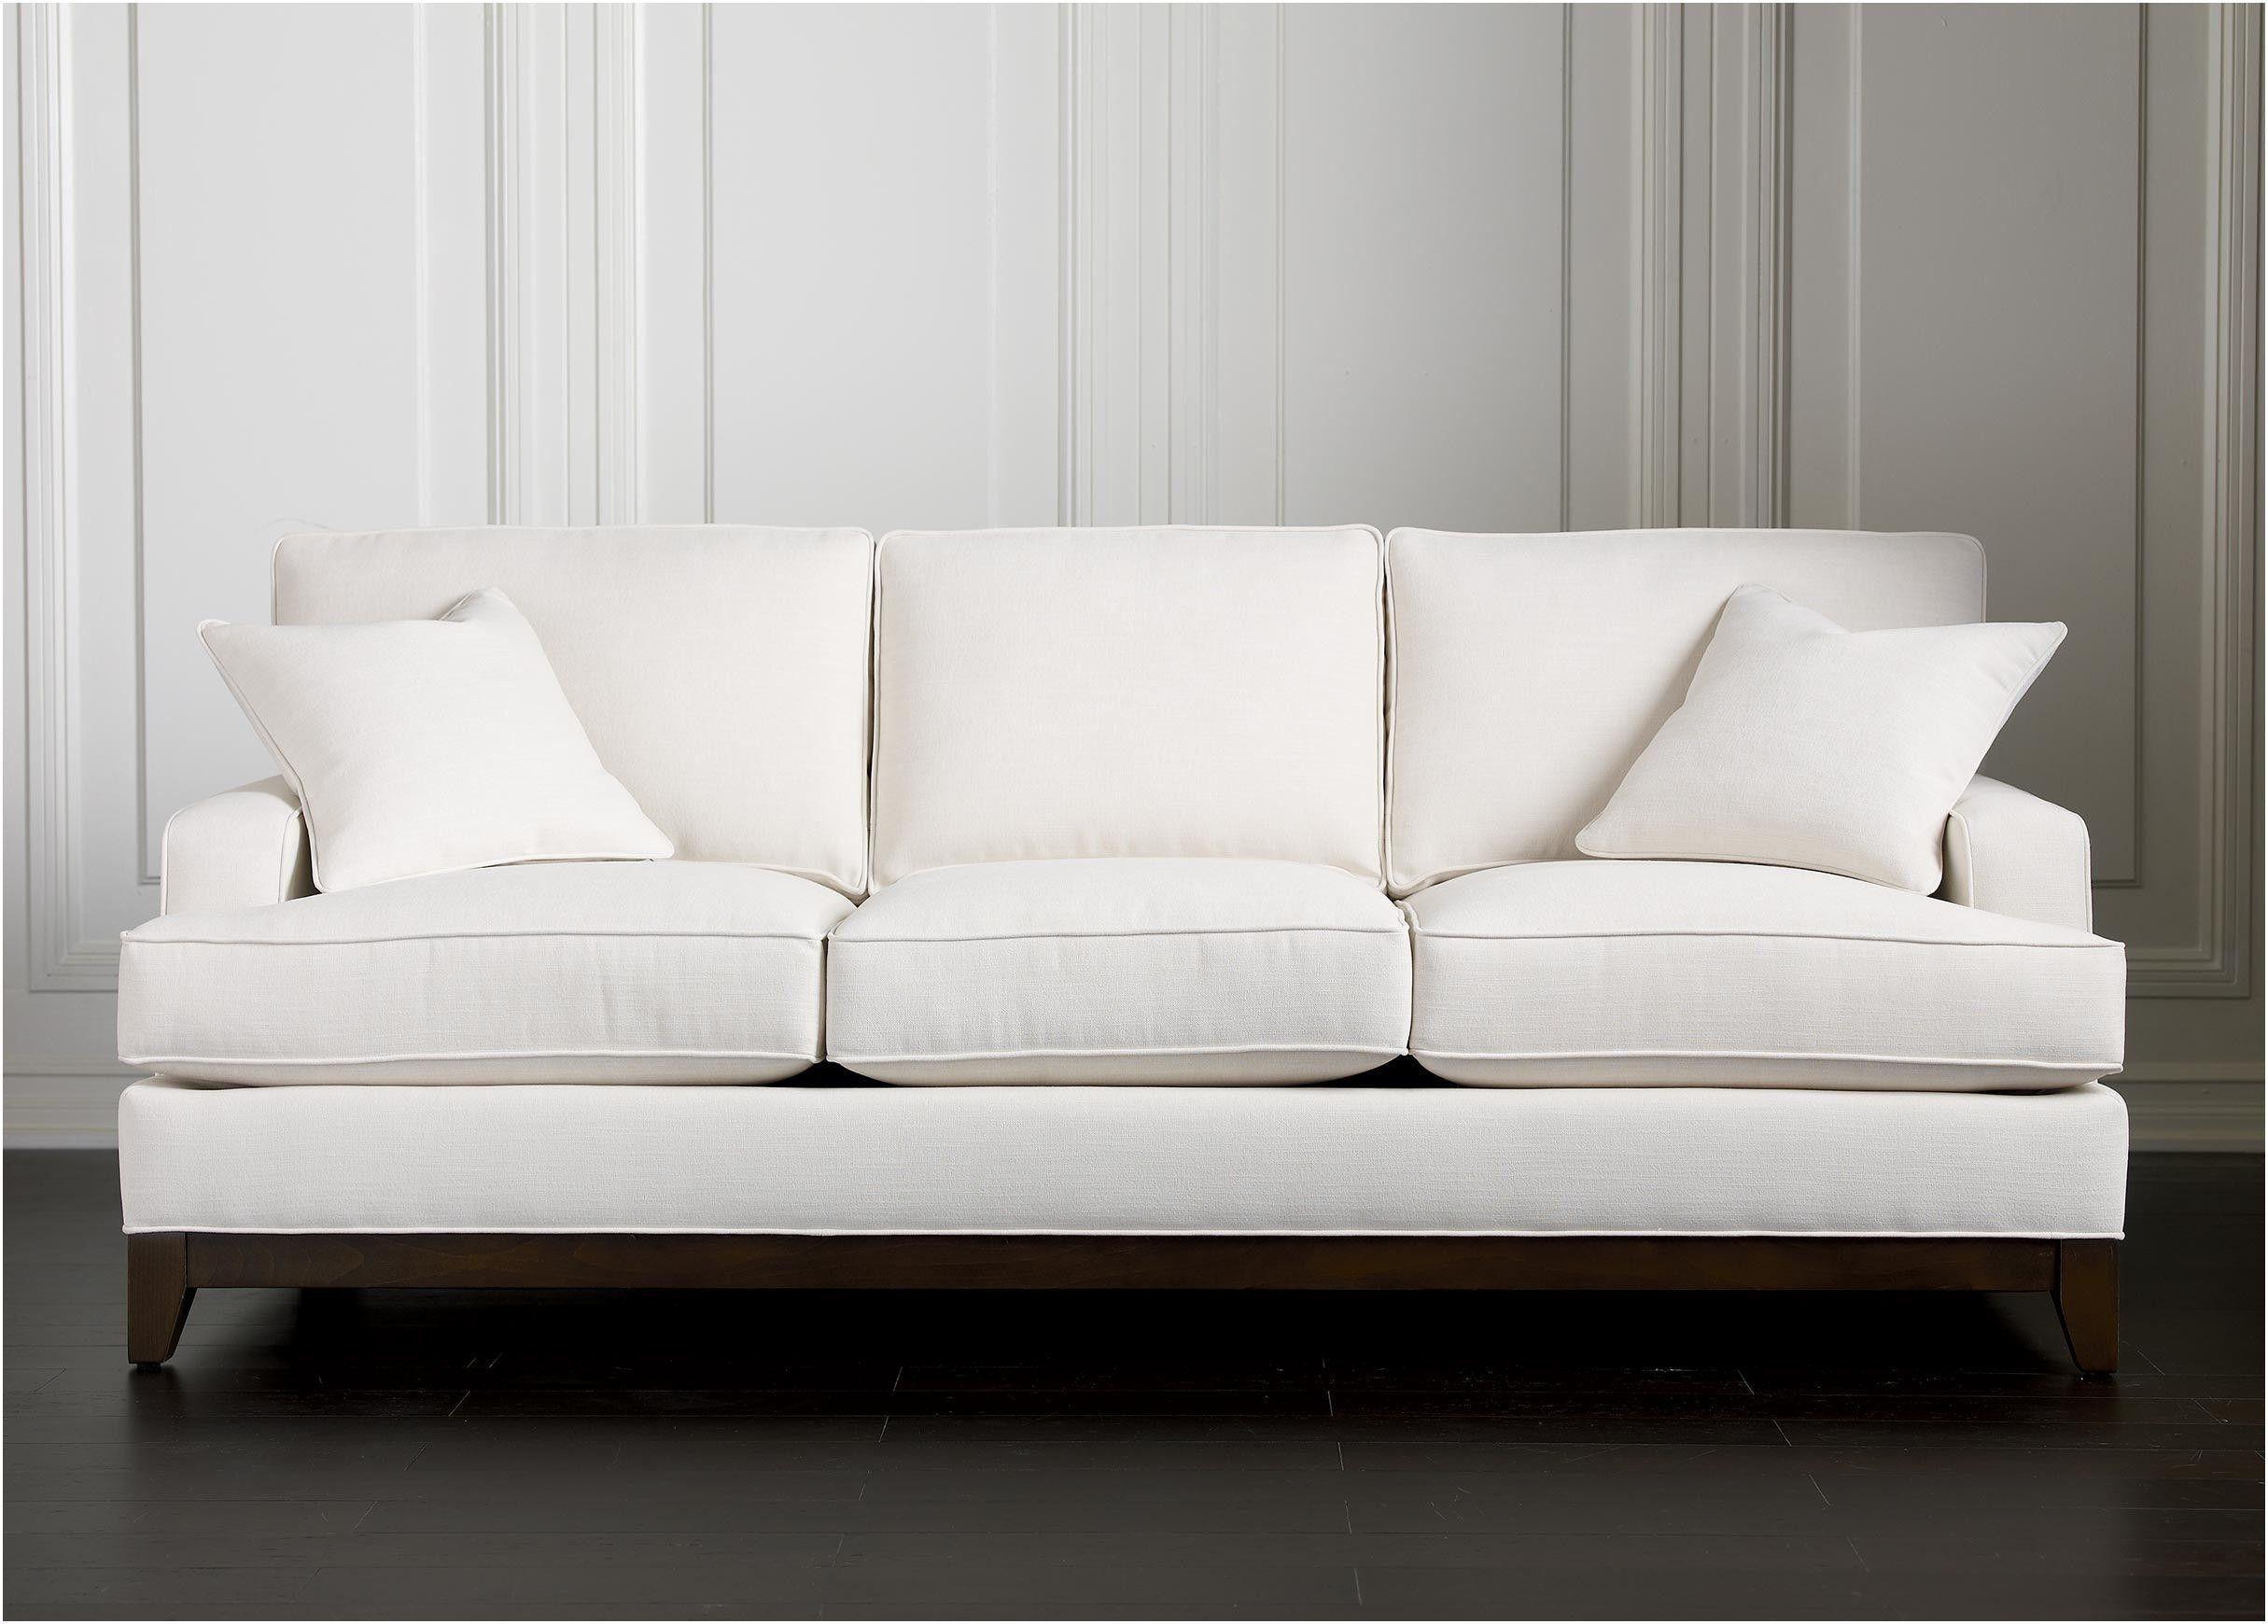 Full Size of Ikea Sofa Klein Küche Mit Kochinsel Bett 120x200 Bettkasten Miniküche Esstisch Rund Stühlen Wk Indomo Relaxfunktion Elektrisch Kaufen Elektrogeräten 3 Sofa Ikea Sofa Mit Schlaffunktion